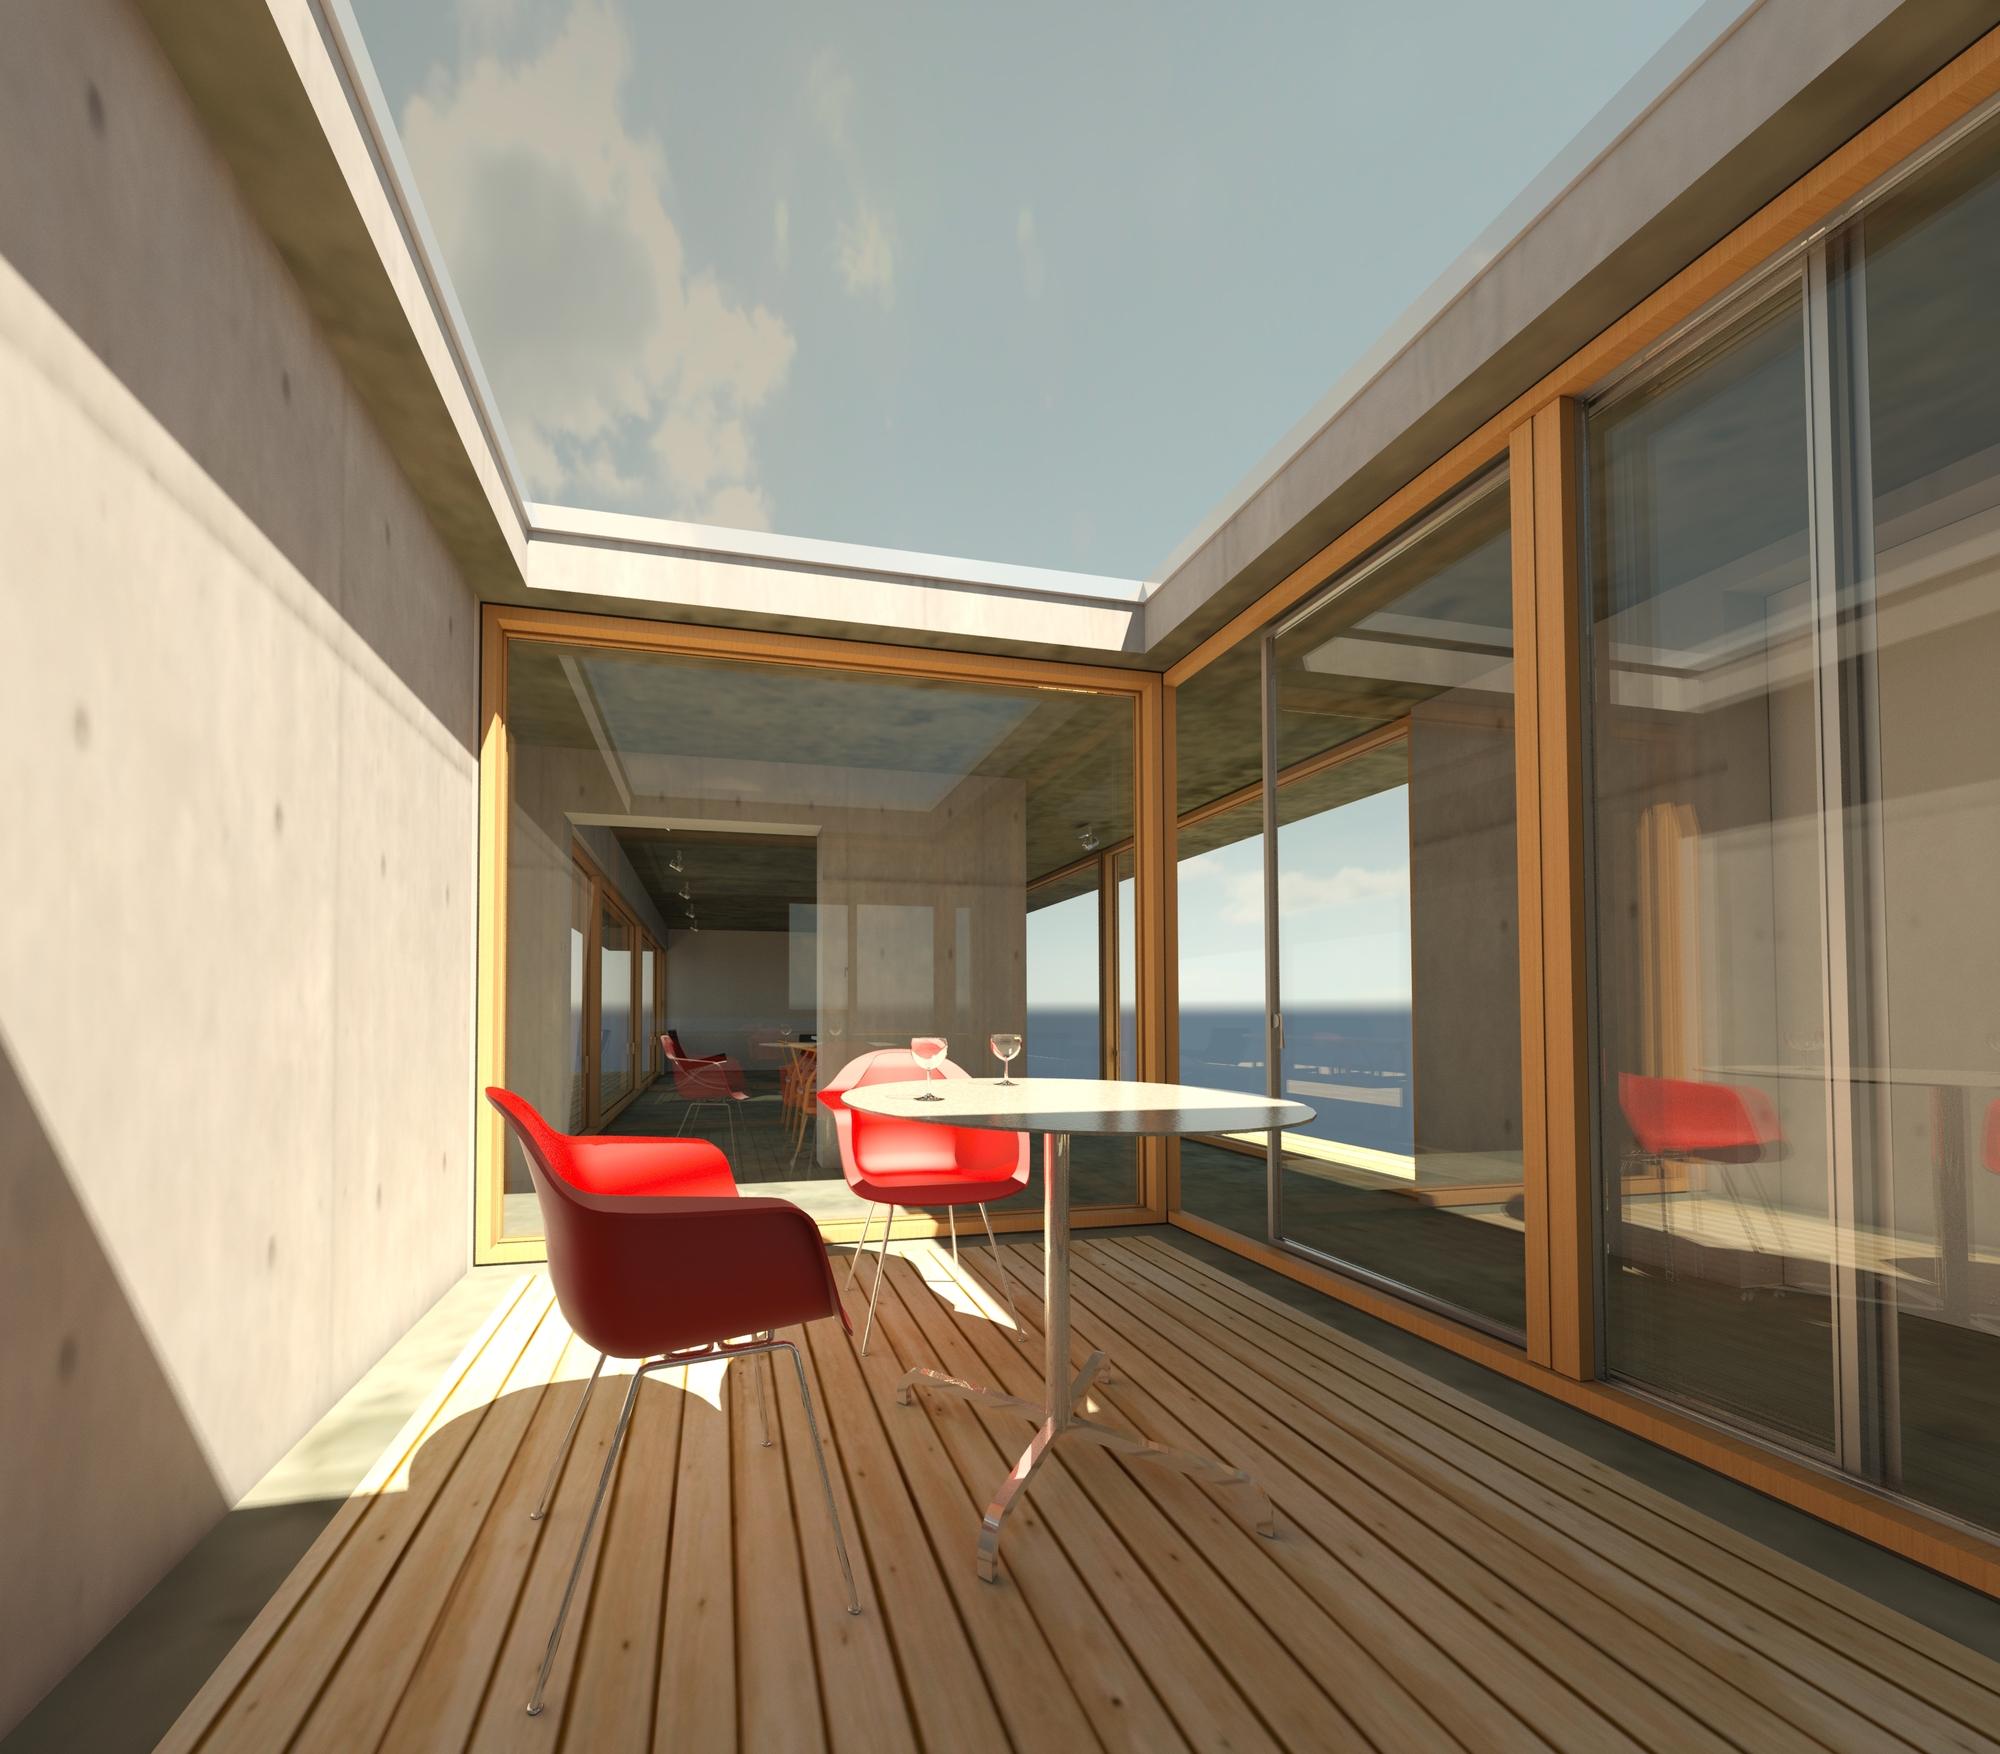 Raas-rendering20140915-23848-1fxjvld